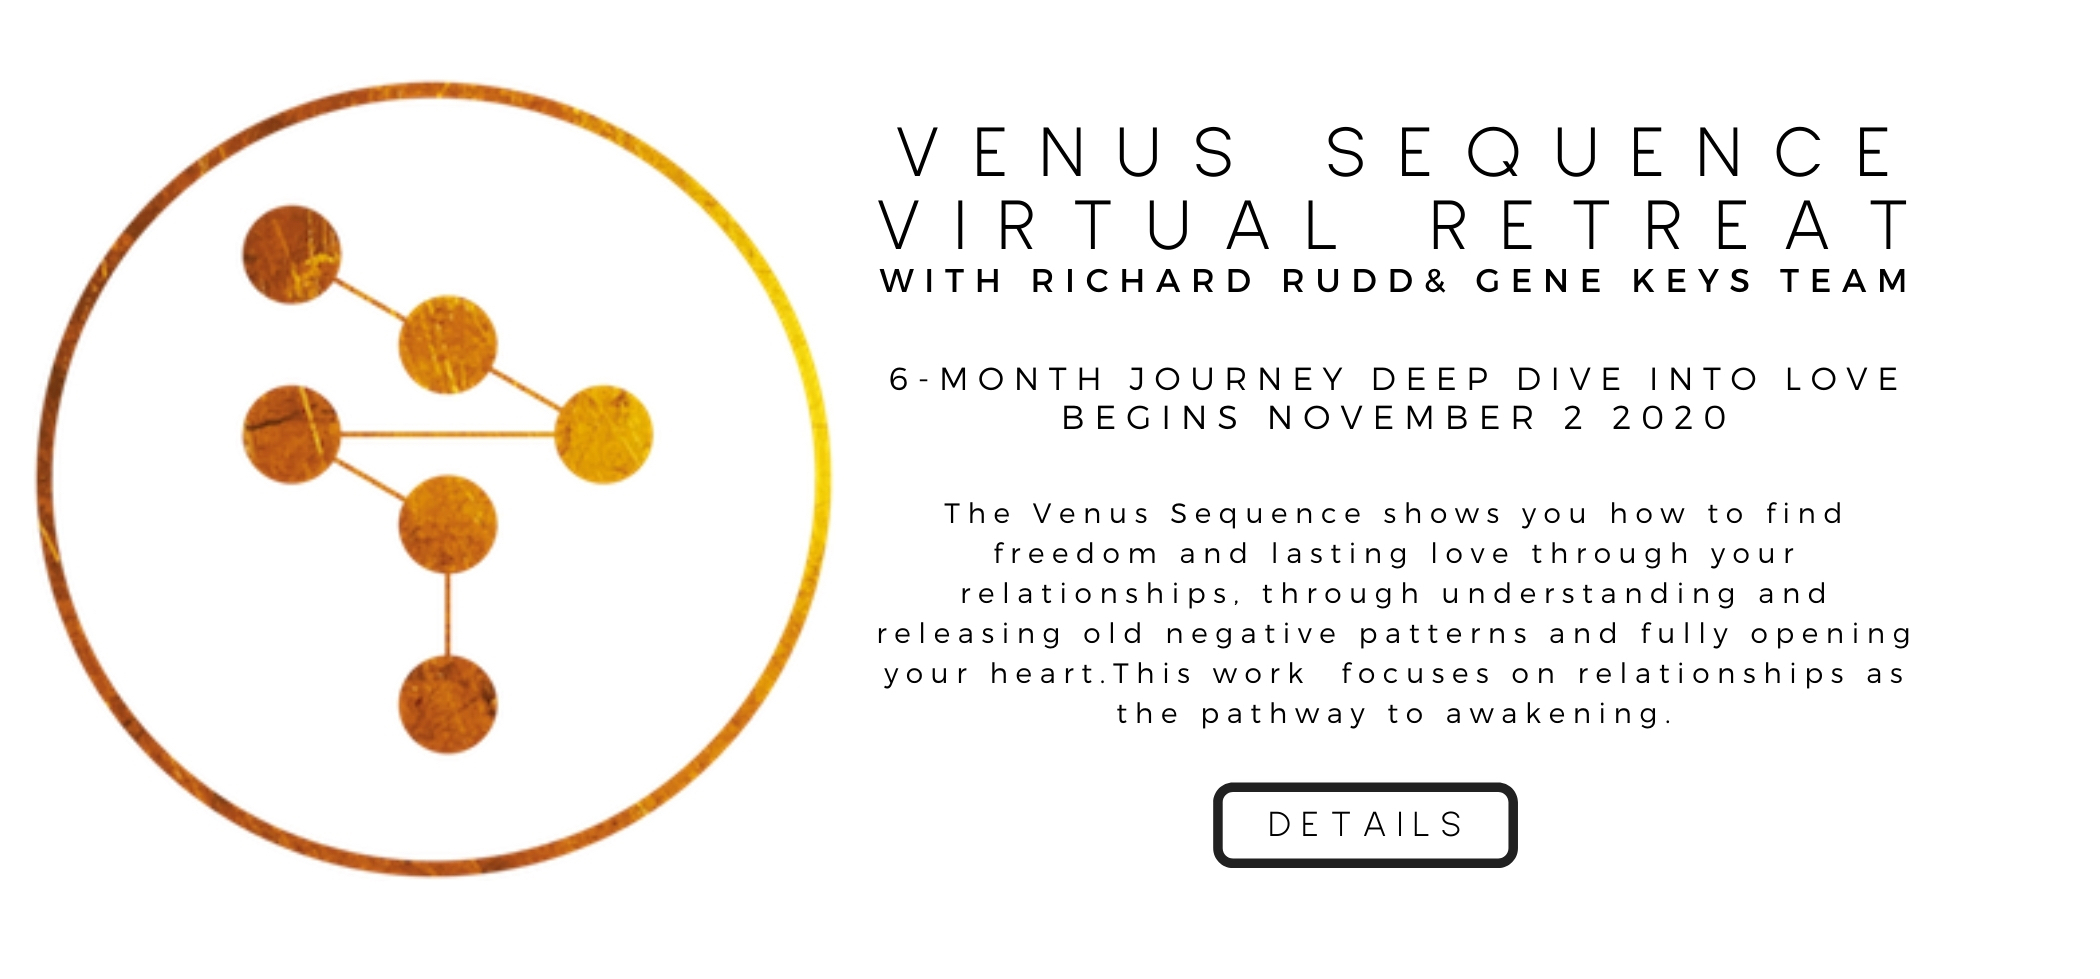 Gene Keys Venus Sequence Virtual Retreat 2020